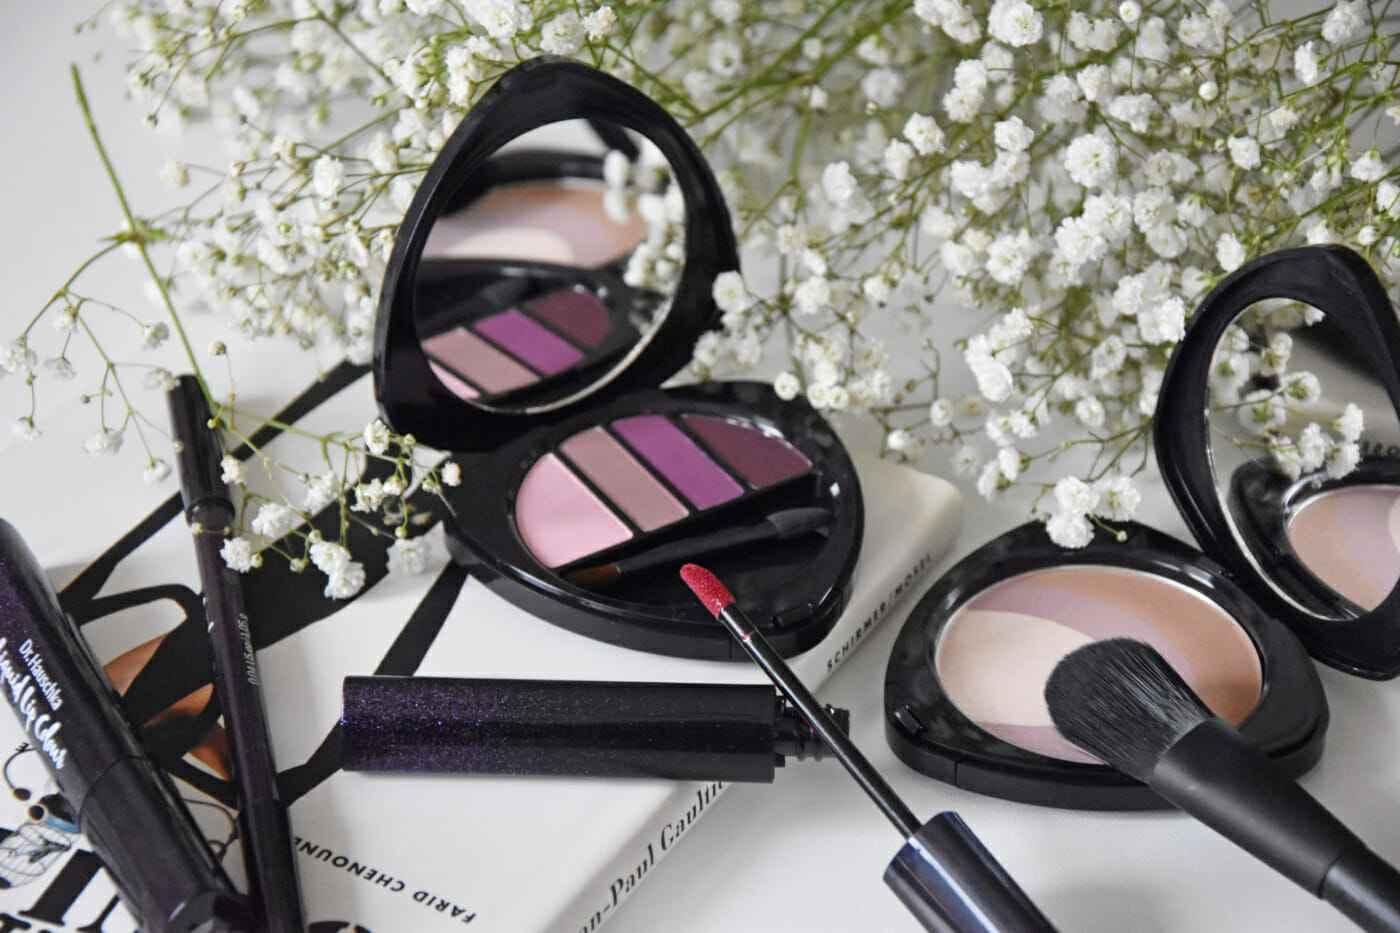 Naturkosmetik Makeup Dr. Hauschka